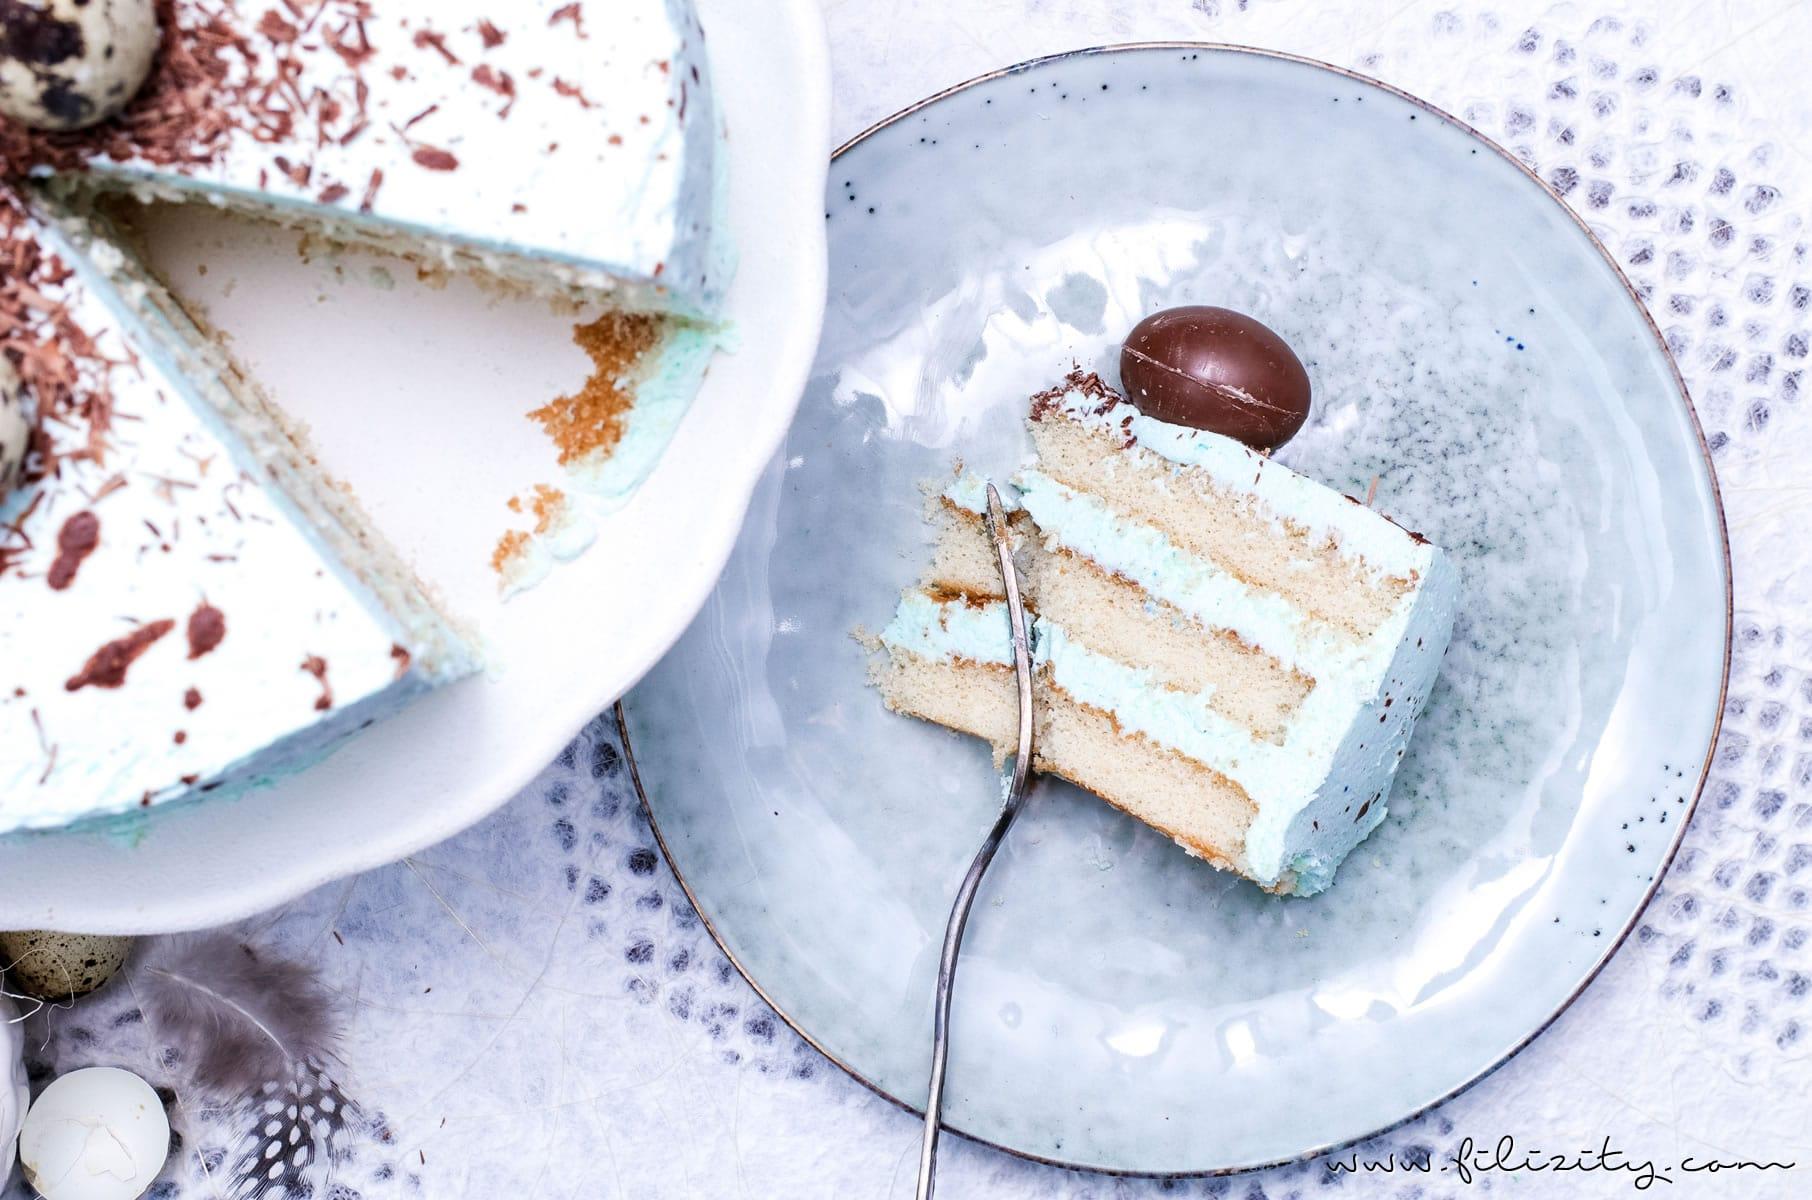 Rezept für eine Gesprenkelte Vanille-Nougat-Torte - perfekt für Ostern | Filizity.com | Food-Blog aus dem Rheinland #ostern #osterrezepte #ostereier